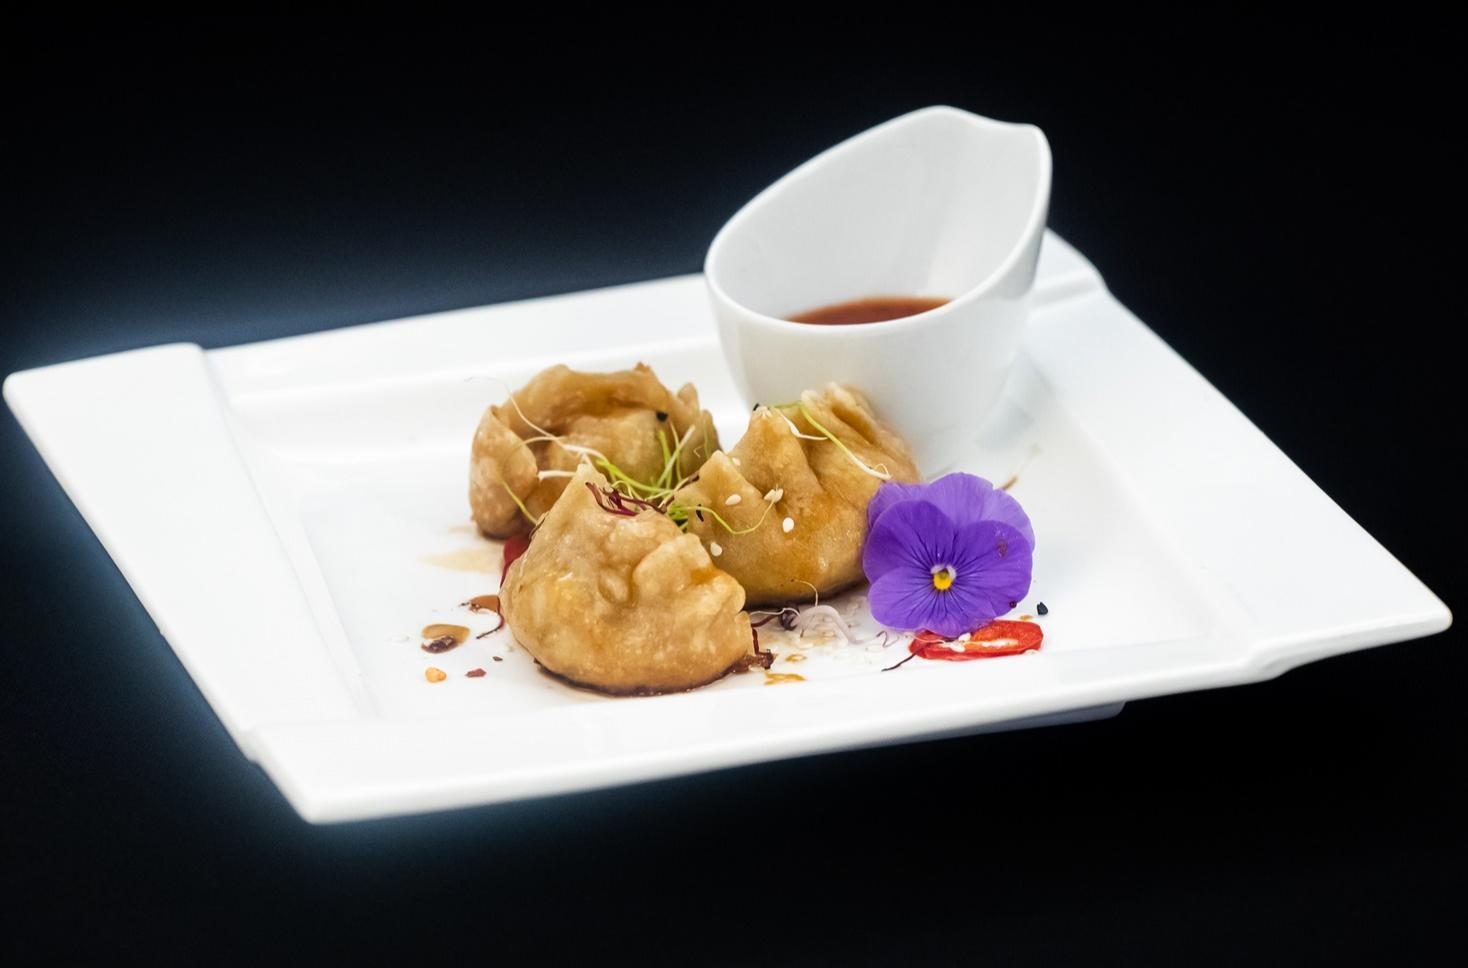 Găluște chinezești umplute cu carne de porc. Chinese dumplings sau Pork Jiaozi